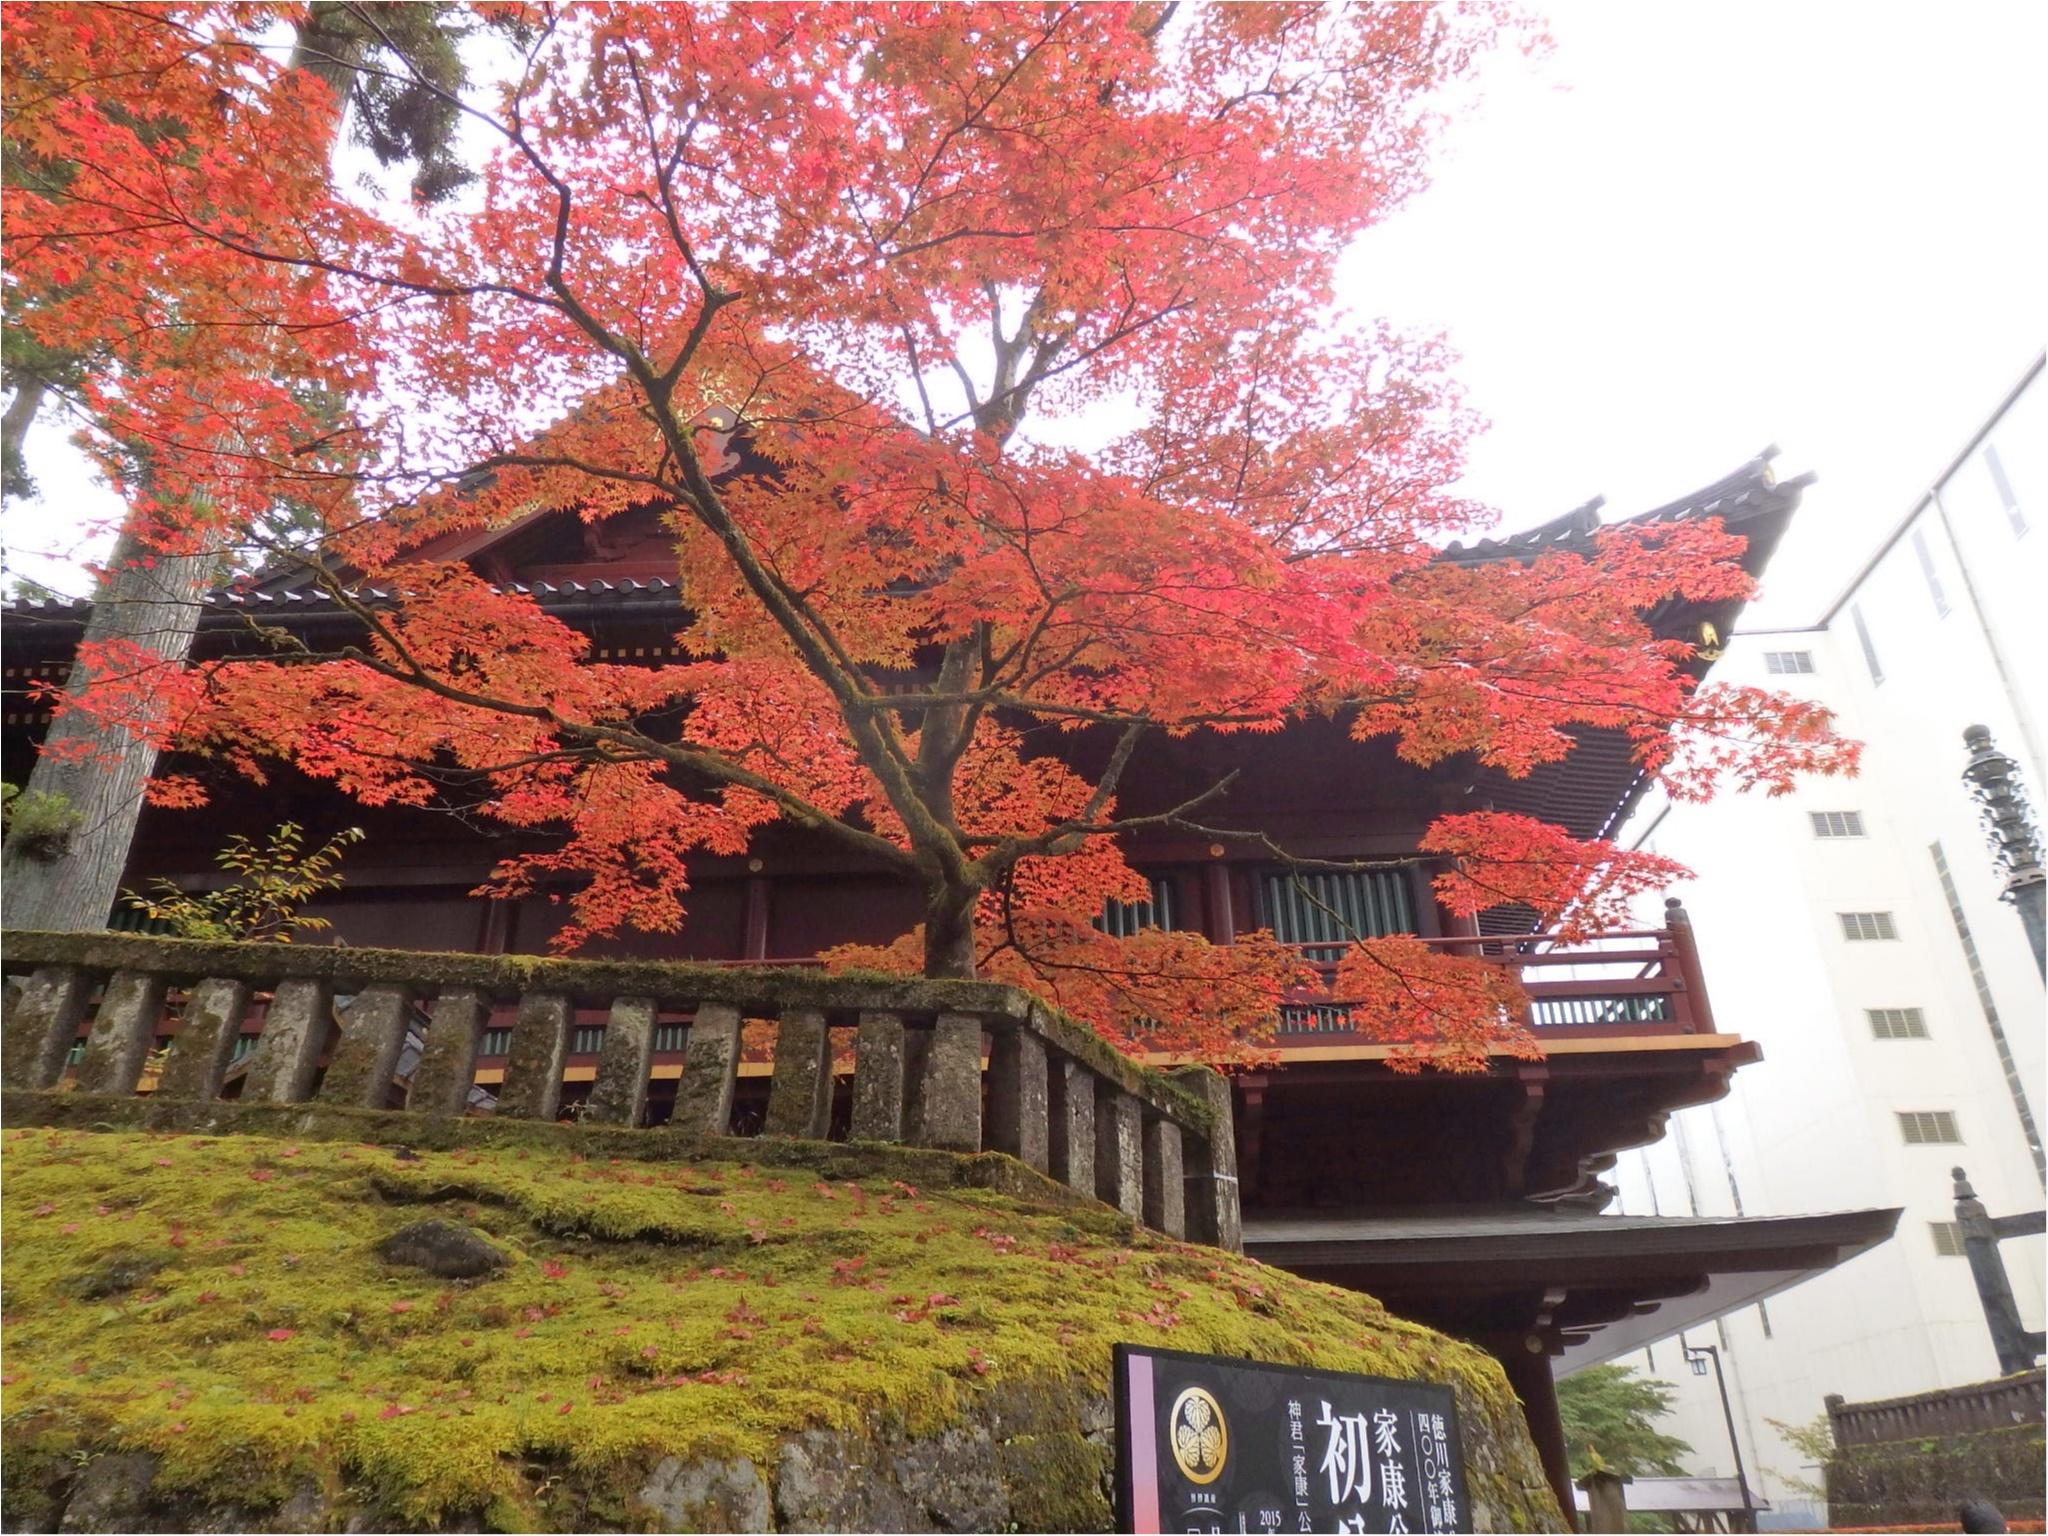 【知らなかった!】日本一楽しめる神社へ潜入してみた_1